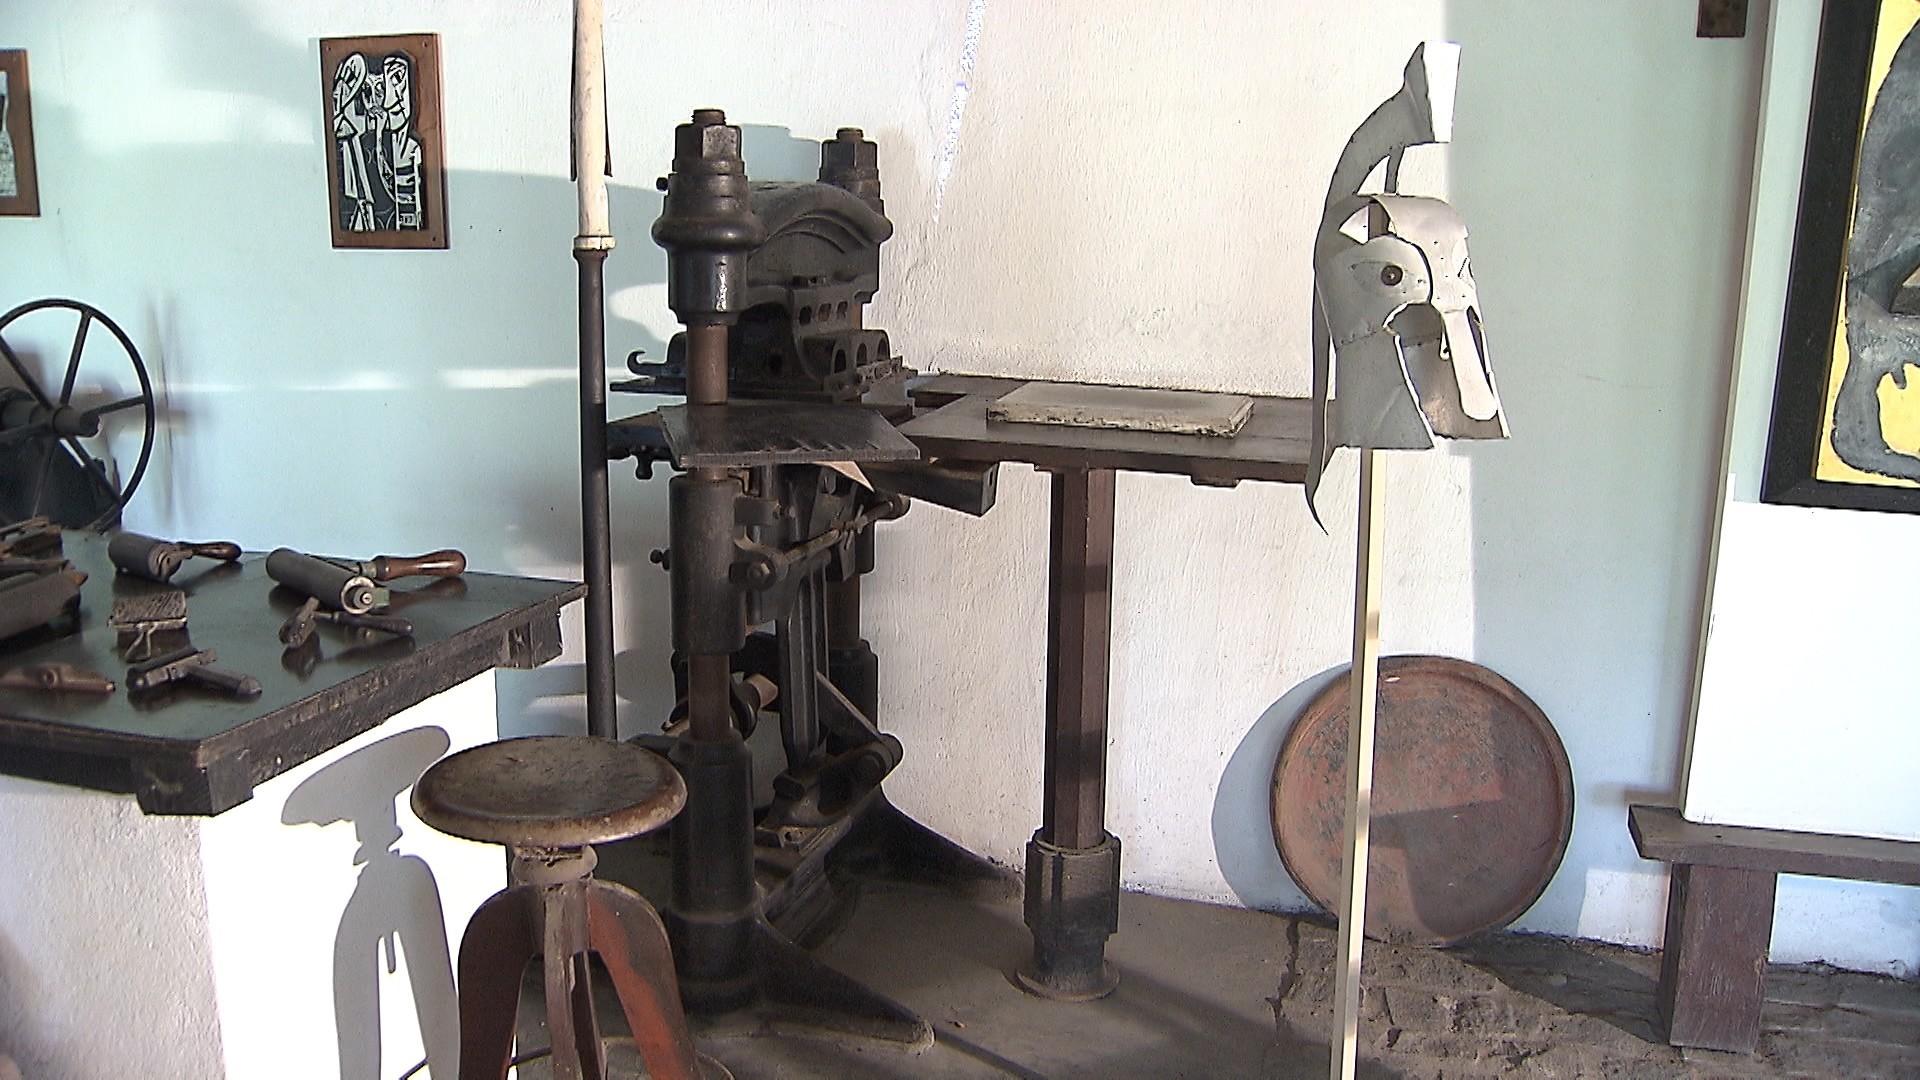 Máquinas de xilogravura trazidas da Alemanha auxiliavam o trabalho de Hansen (Foto: Divulgação)